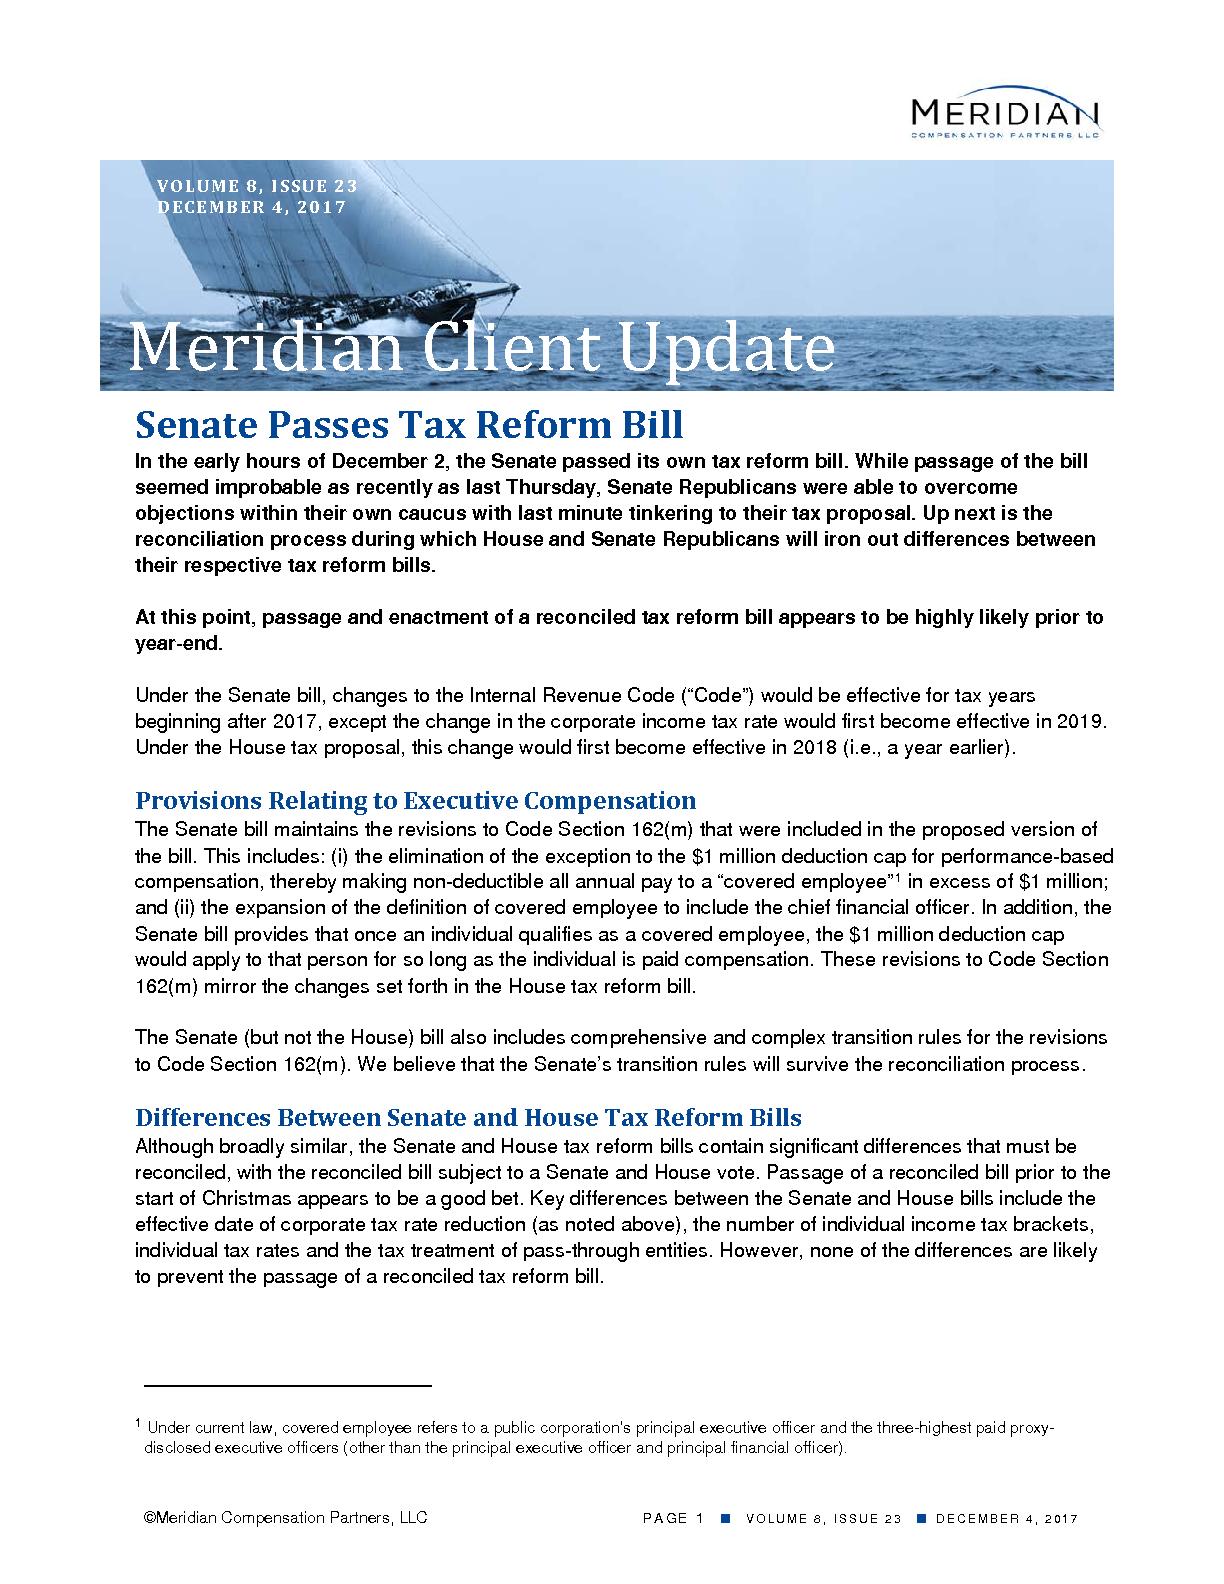 Senate Passes Tax Reform Bill (PDF)